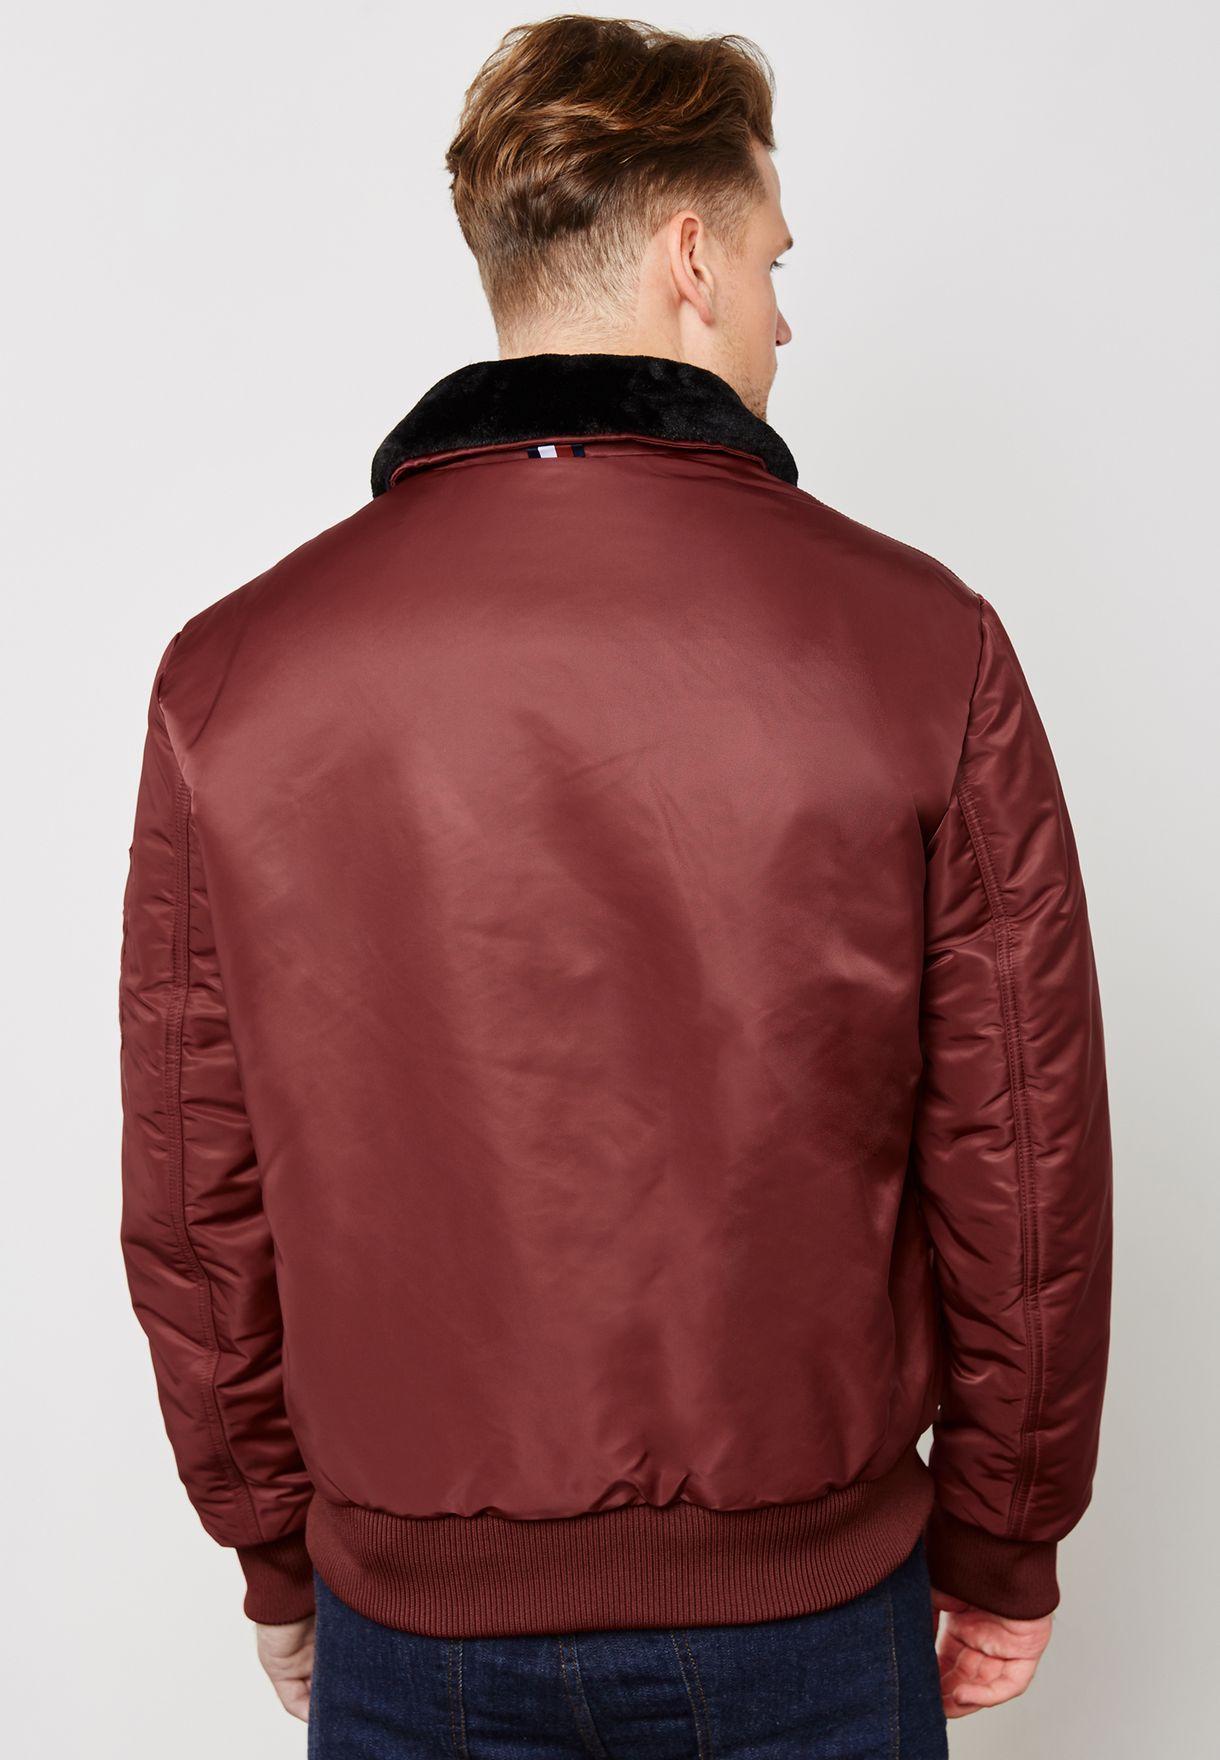 Detachacle Collar Bomber Jacket